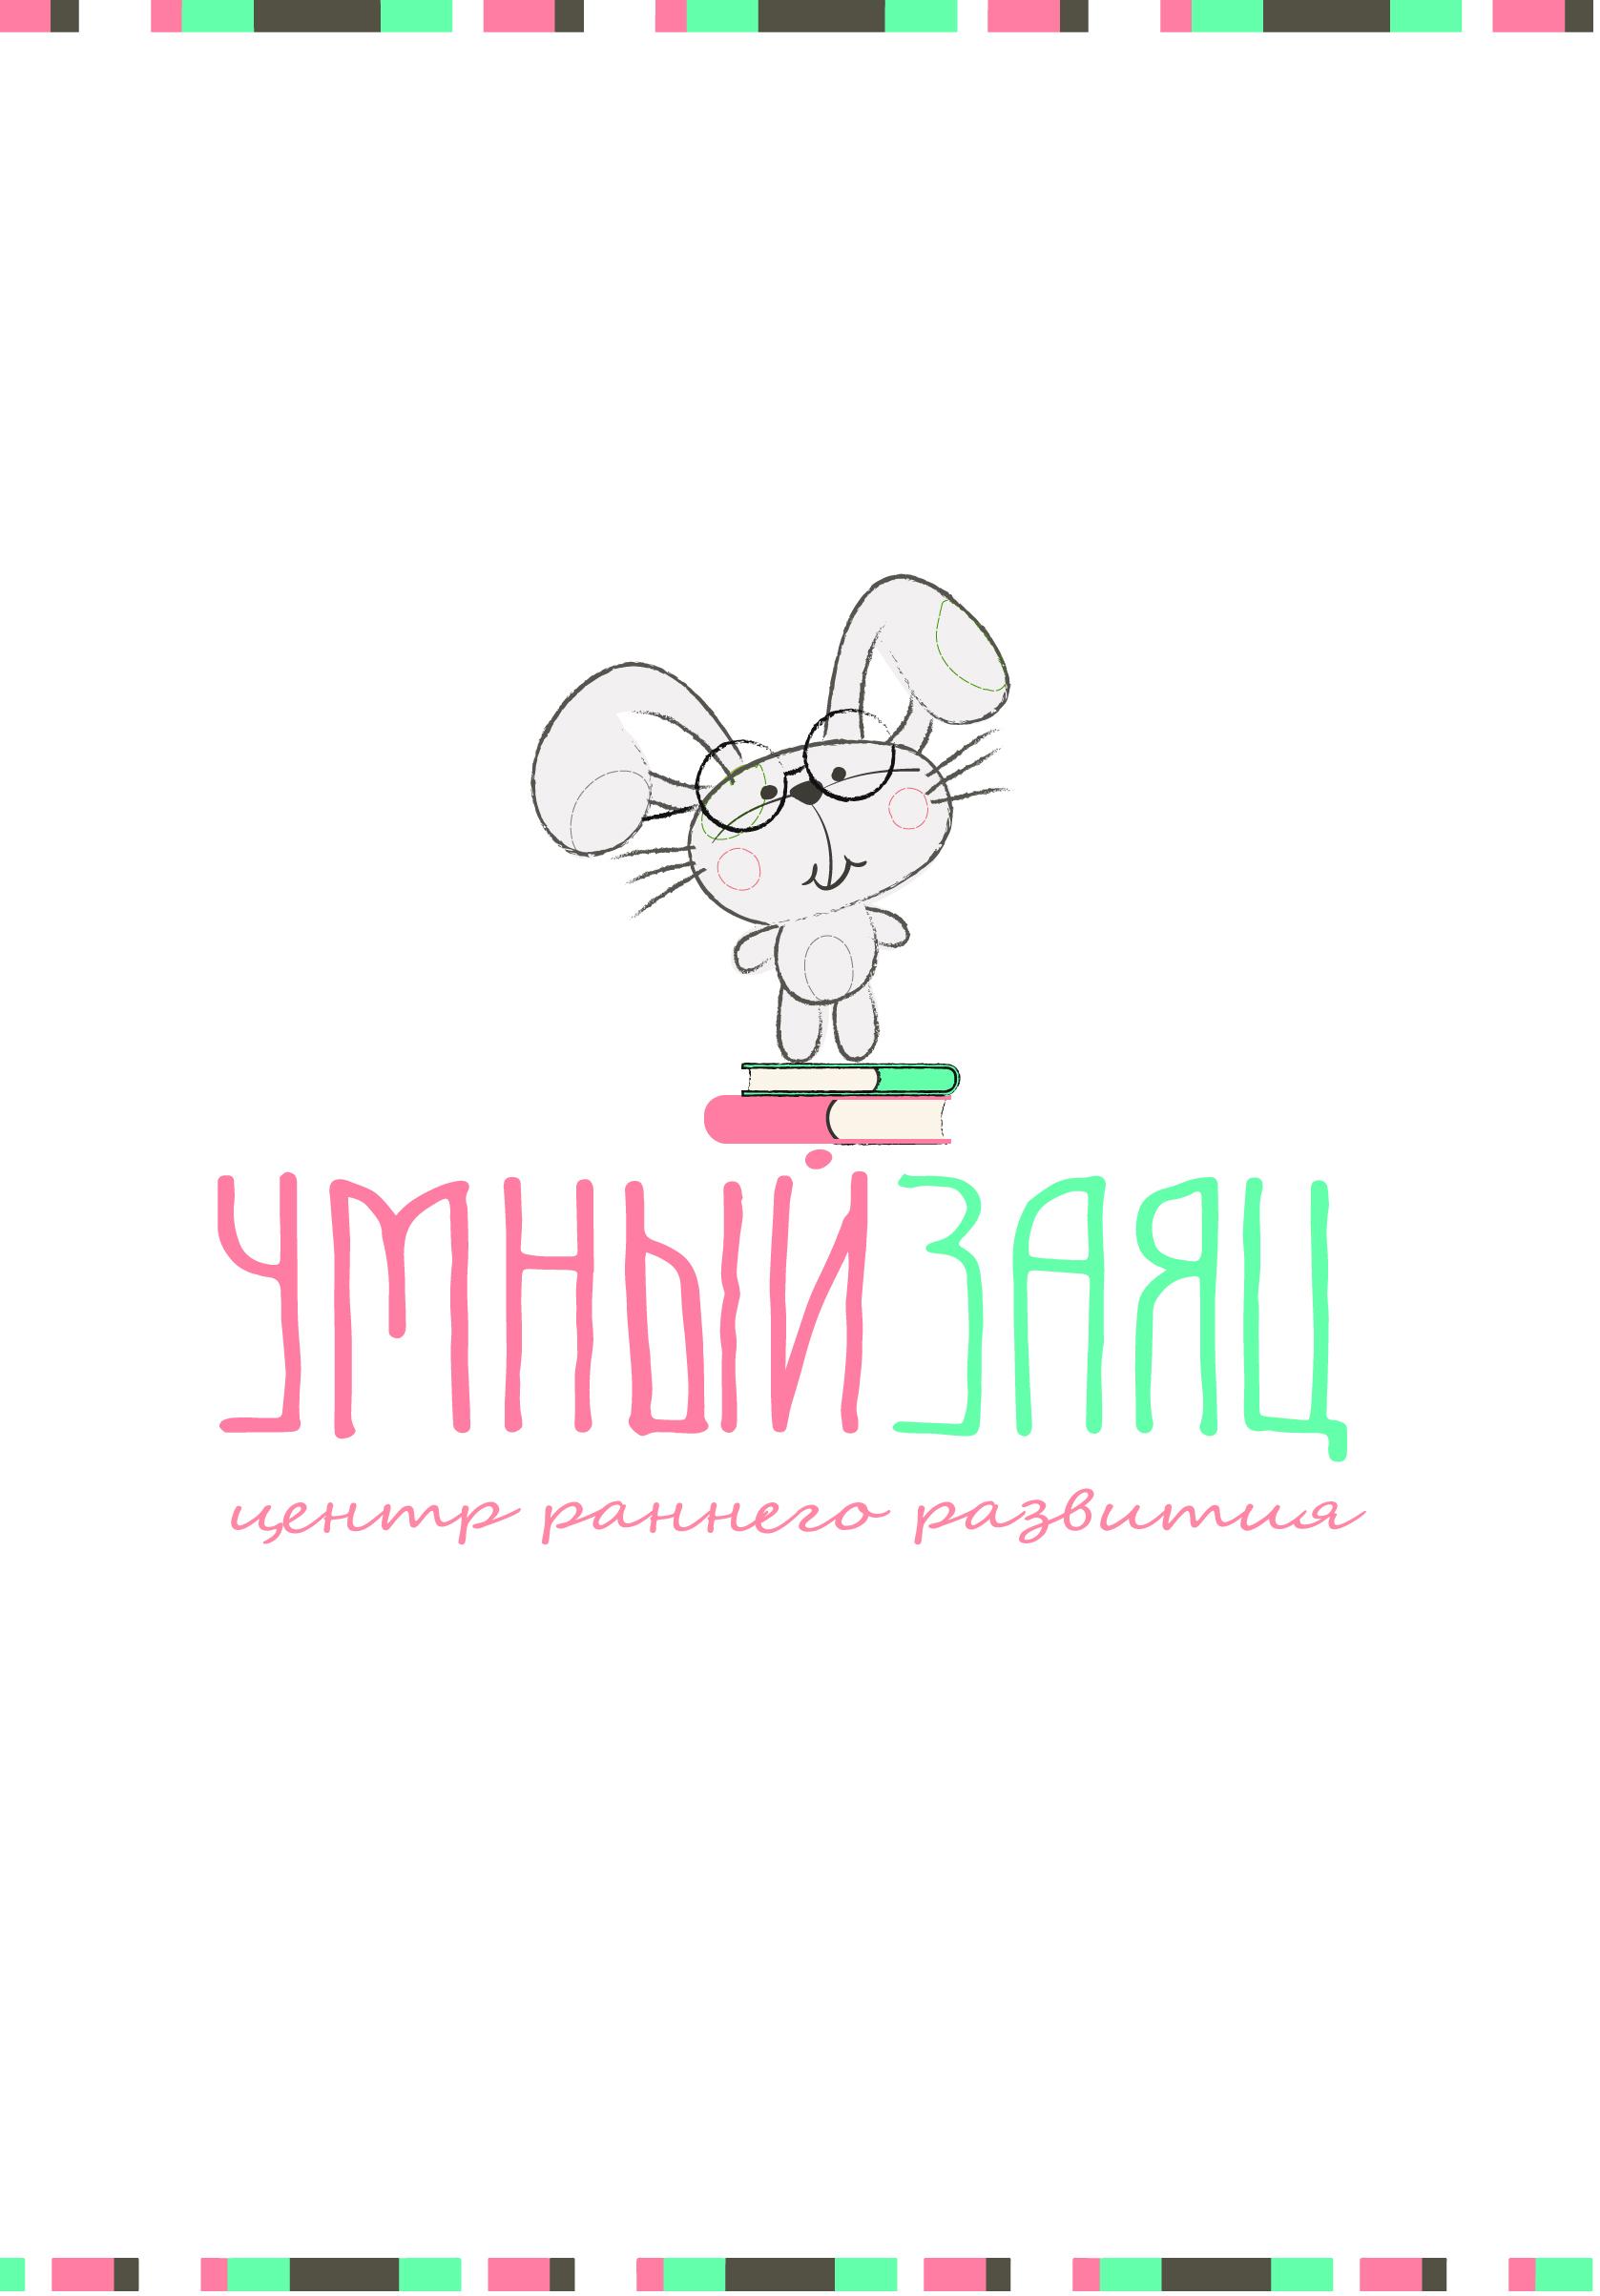 Разработать логотип и фирменный стиль детского клуба фото f_762555b84f475a49.jpg